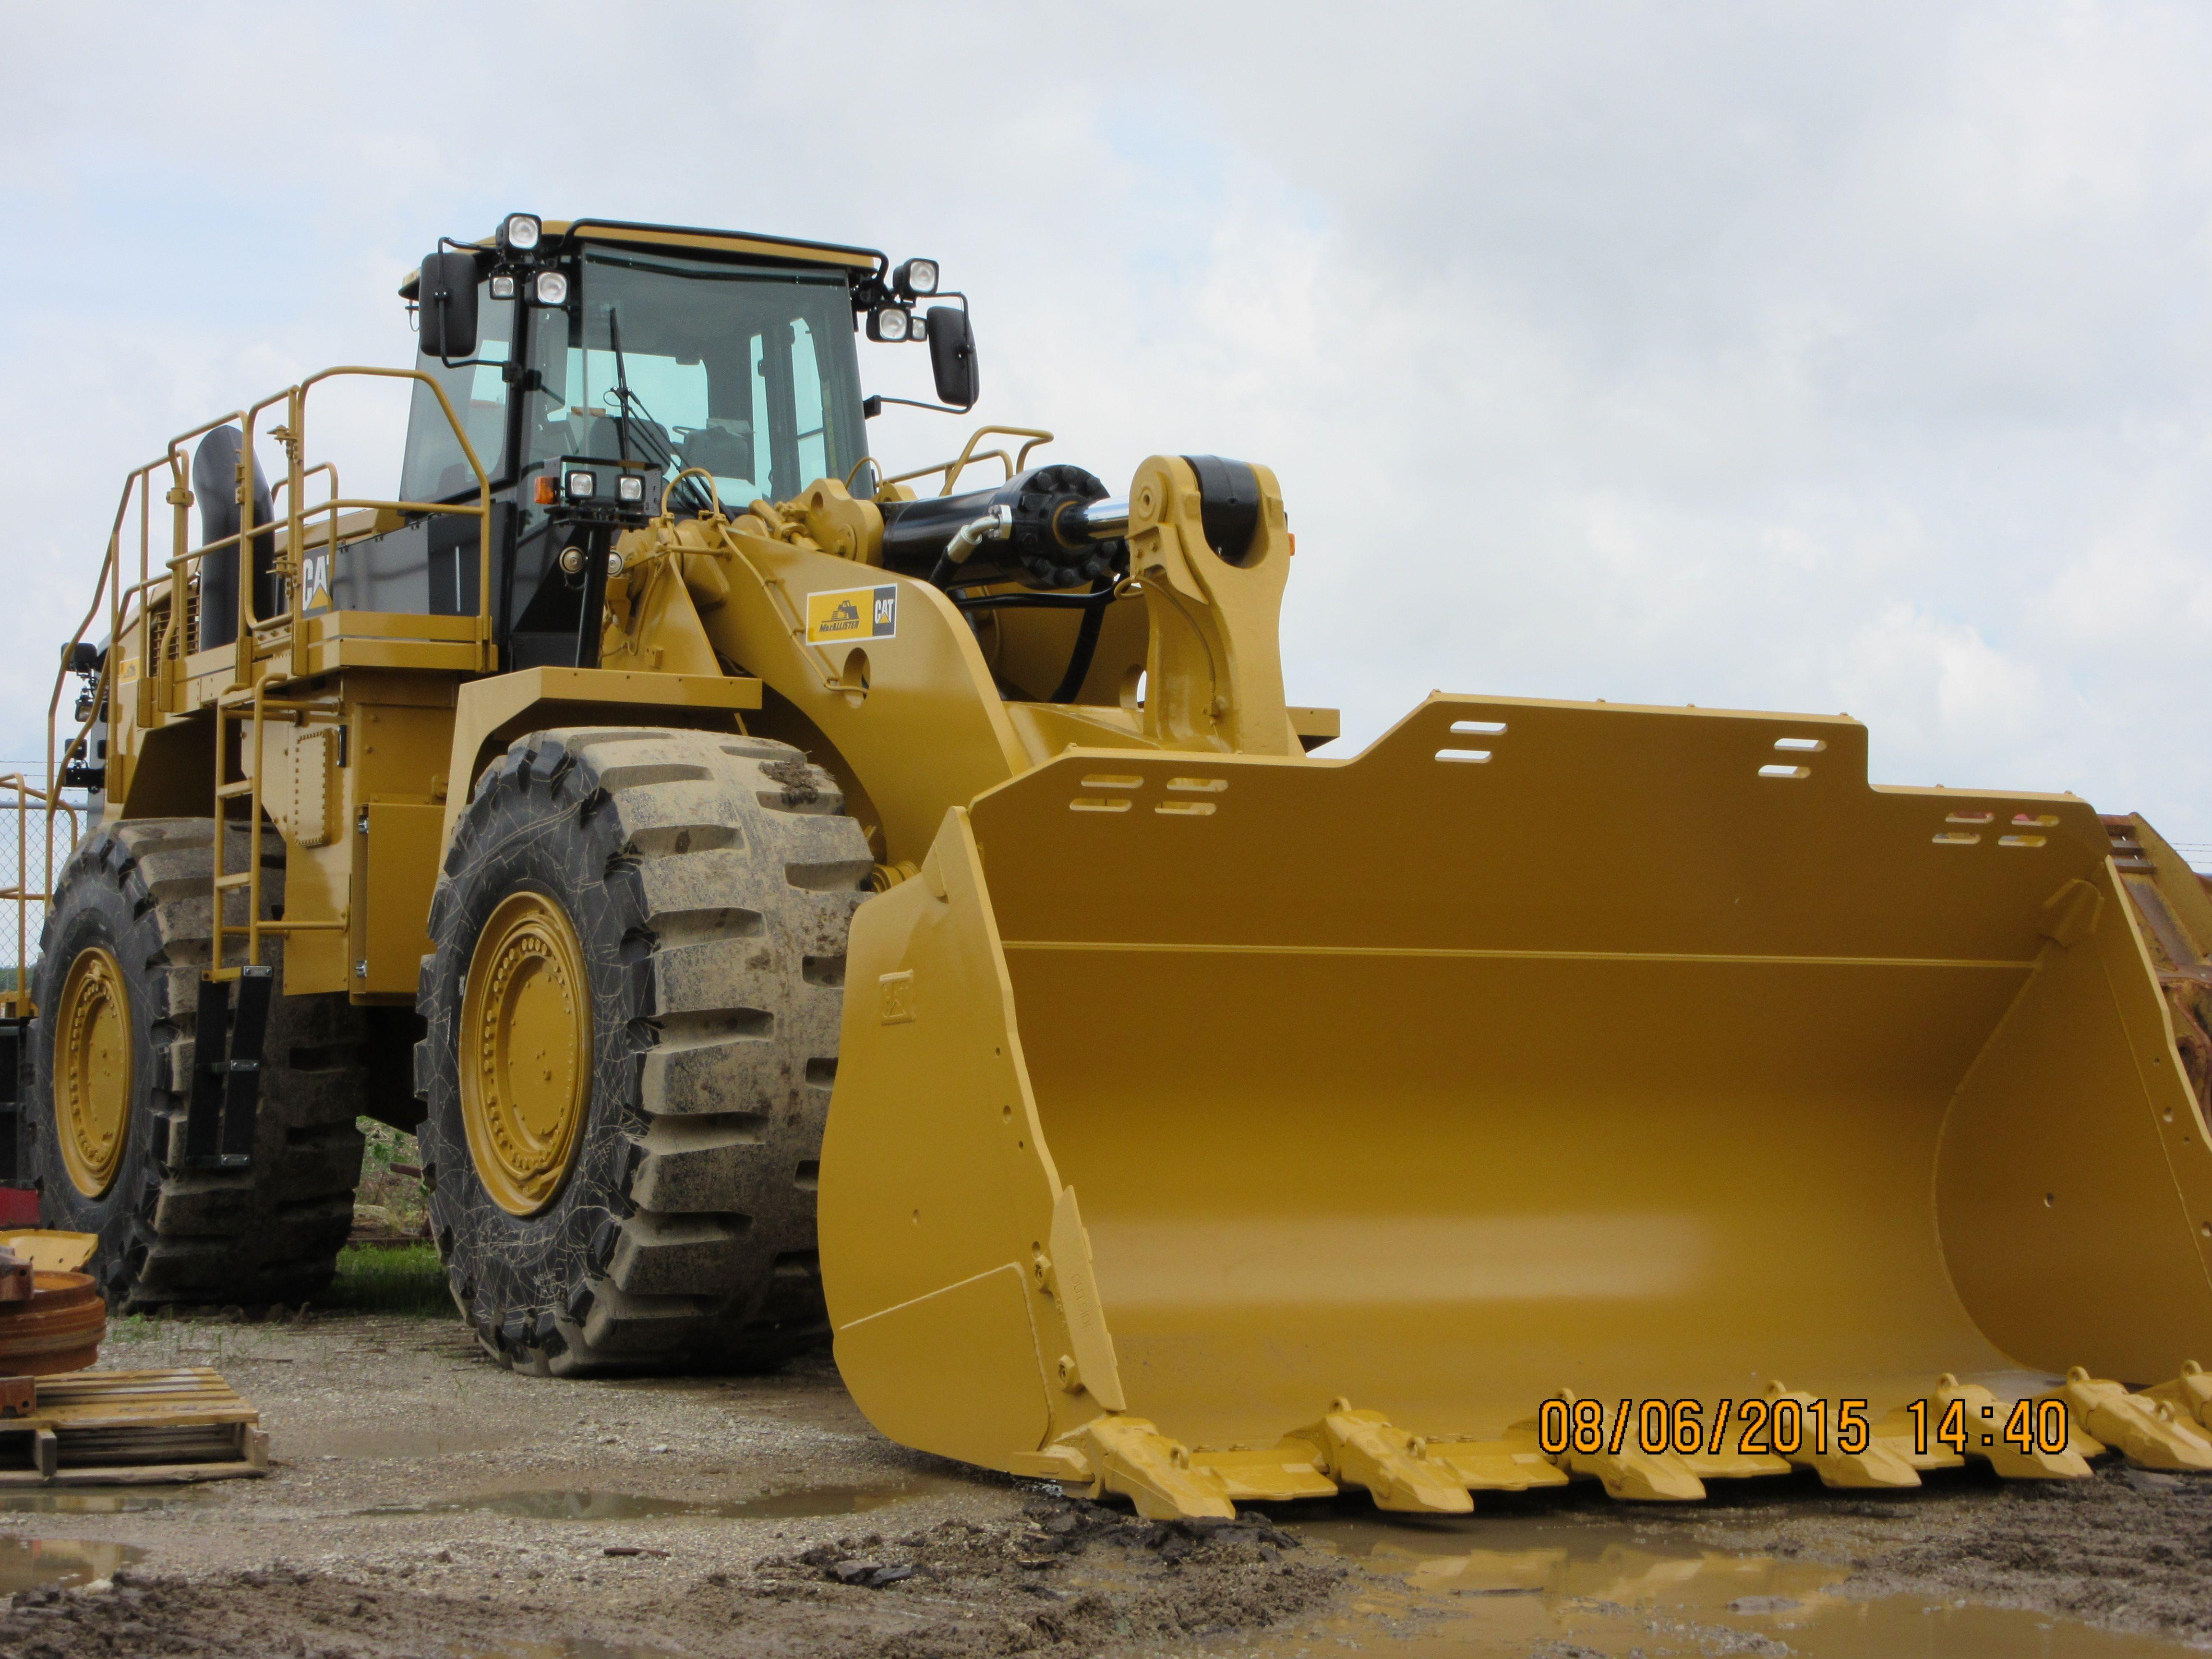 580 gross 541 net hp Caterpillar 988K.112,574 pounds.9